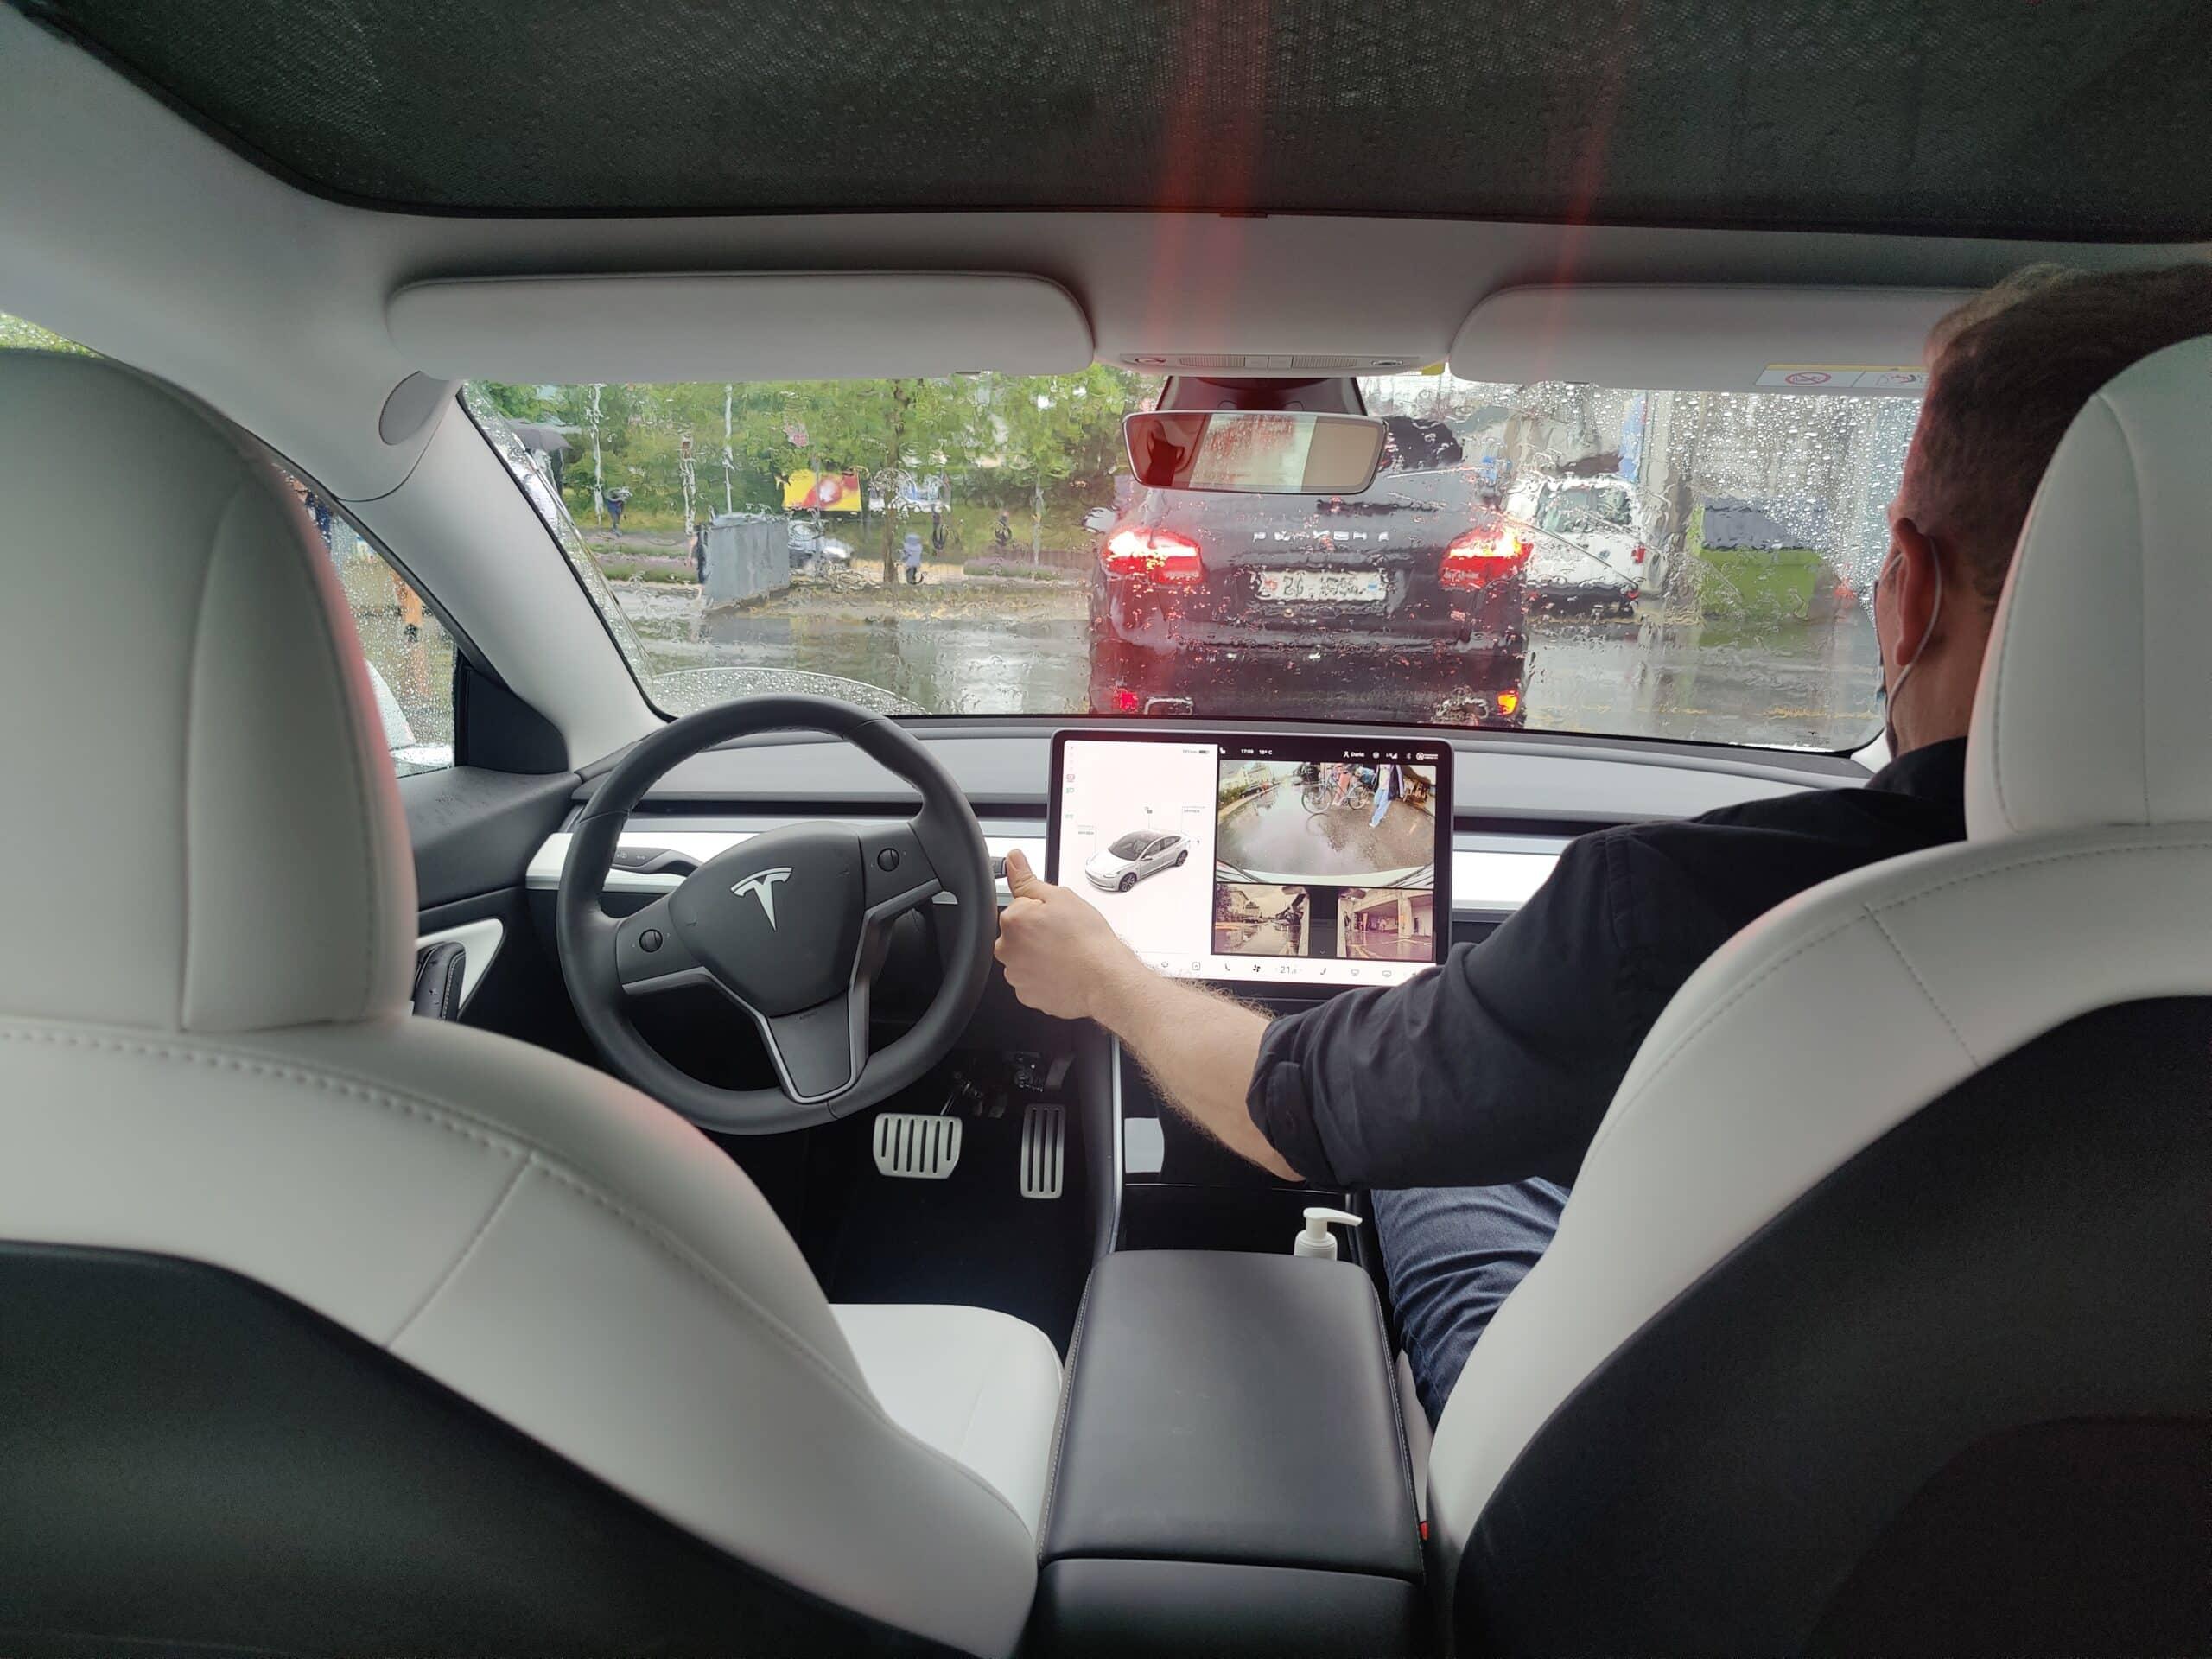 Darf man mit einem Tesla trotz elektronischer Handbremse private Lernfahrten machen?